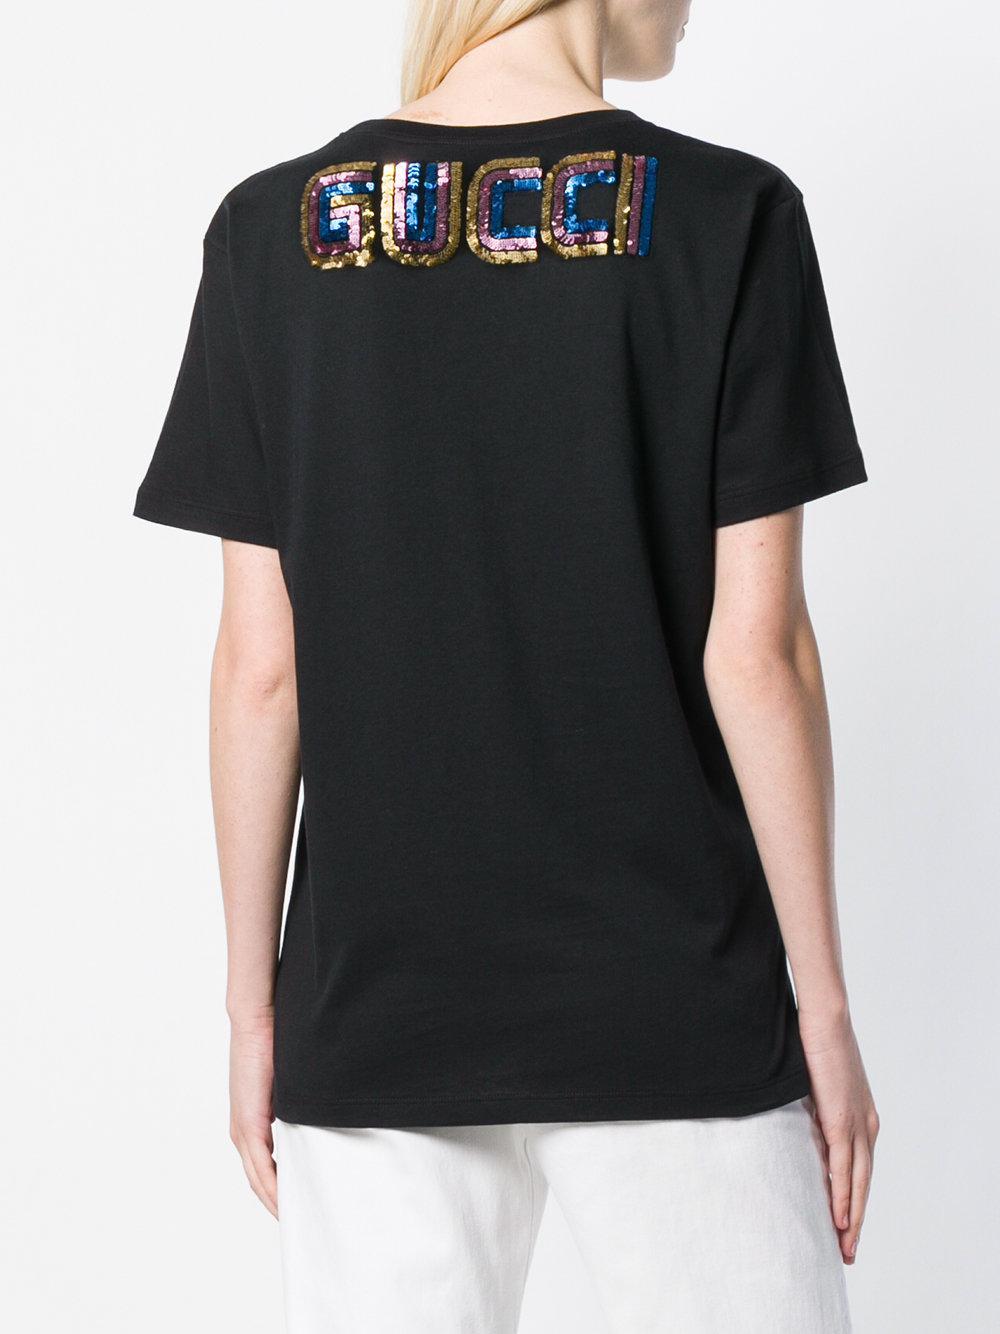 b833df7d05 Gucci Maison De L'amour Printed T-shirt in Black - Save 31% - Lyst